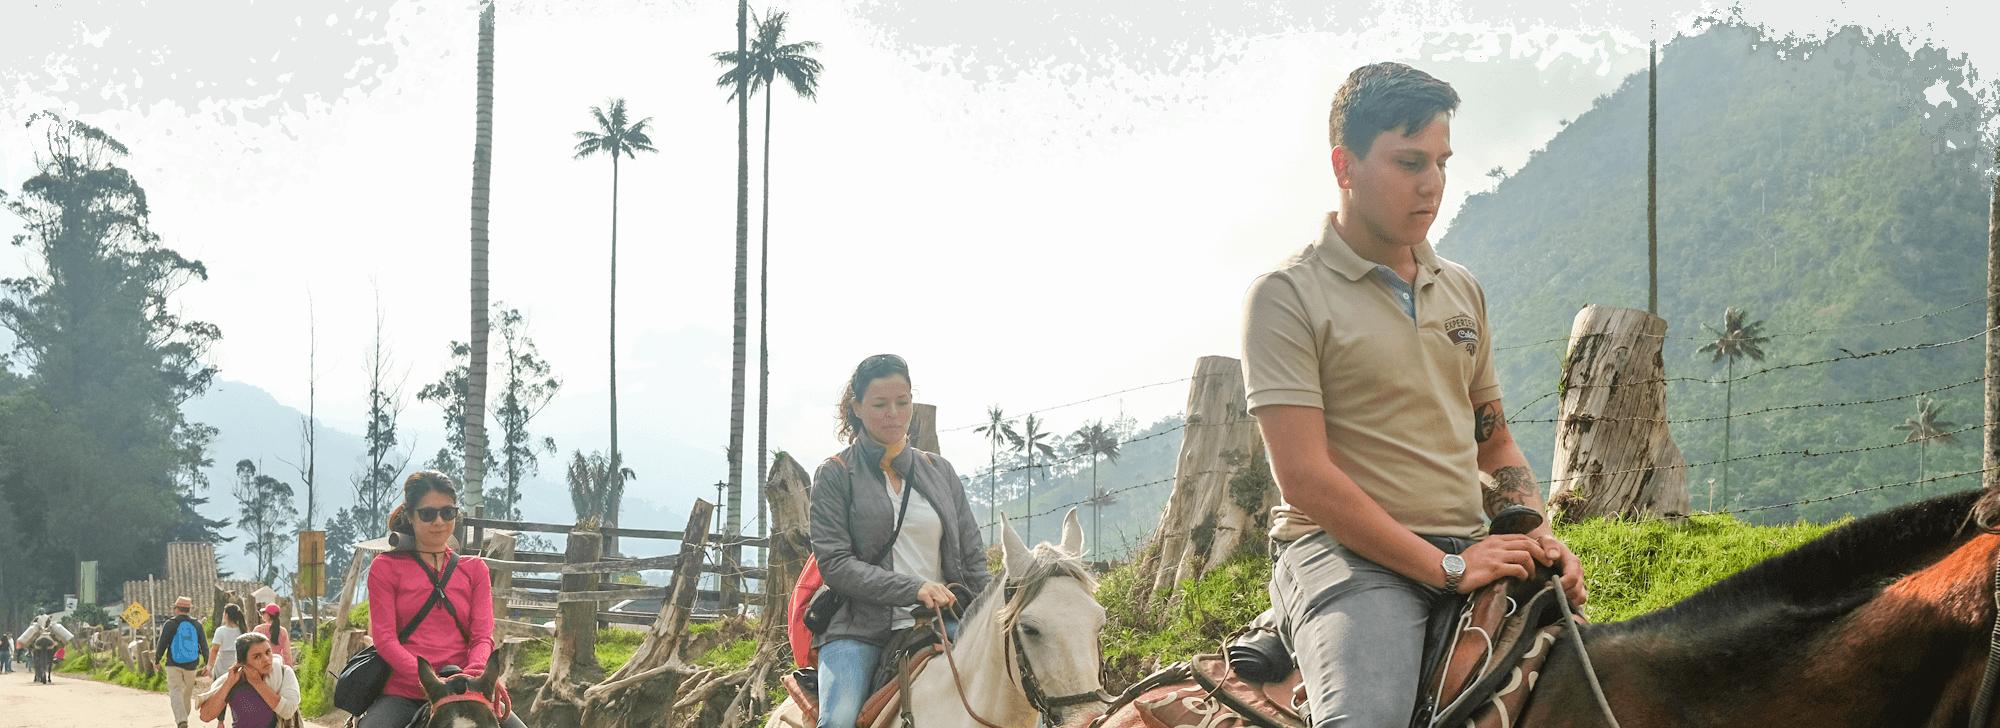 Tour de café y experiencias de cabalgata la región cafetera del café y viajes con la gente y la naturaleza de colombia